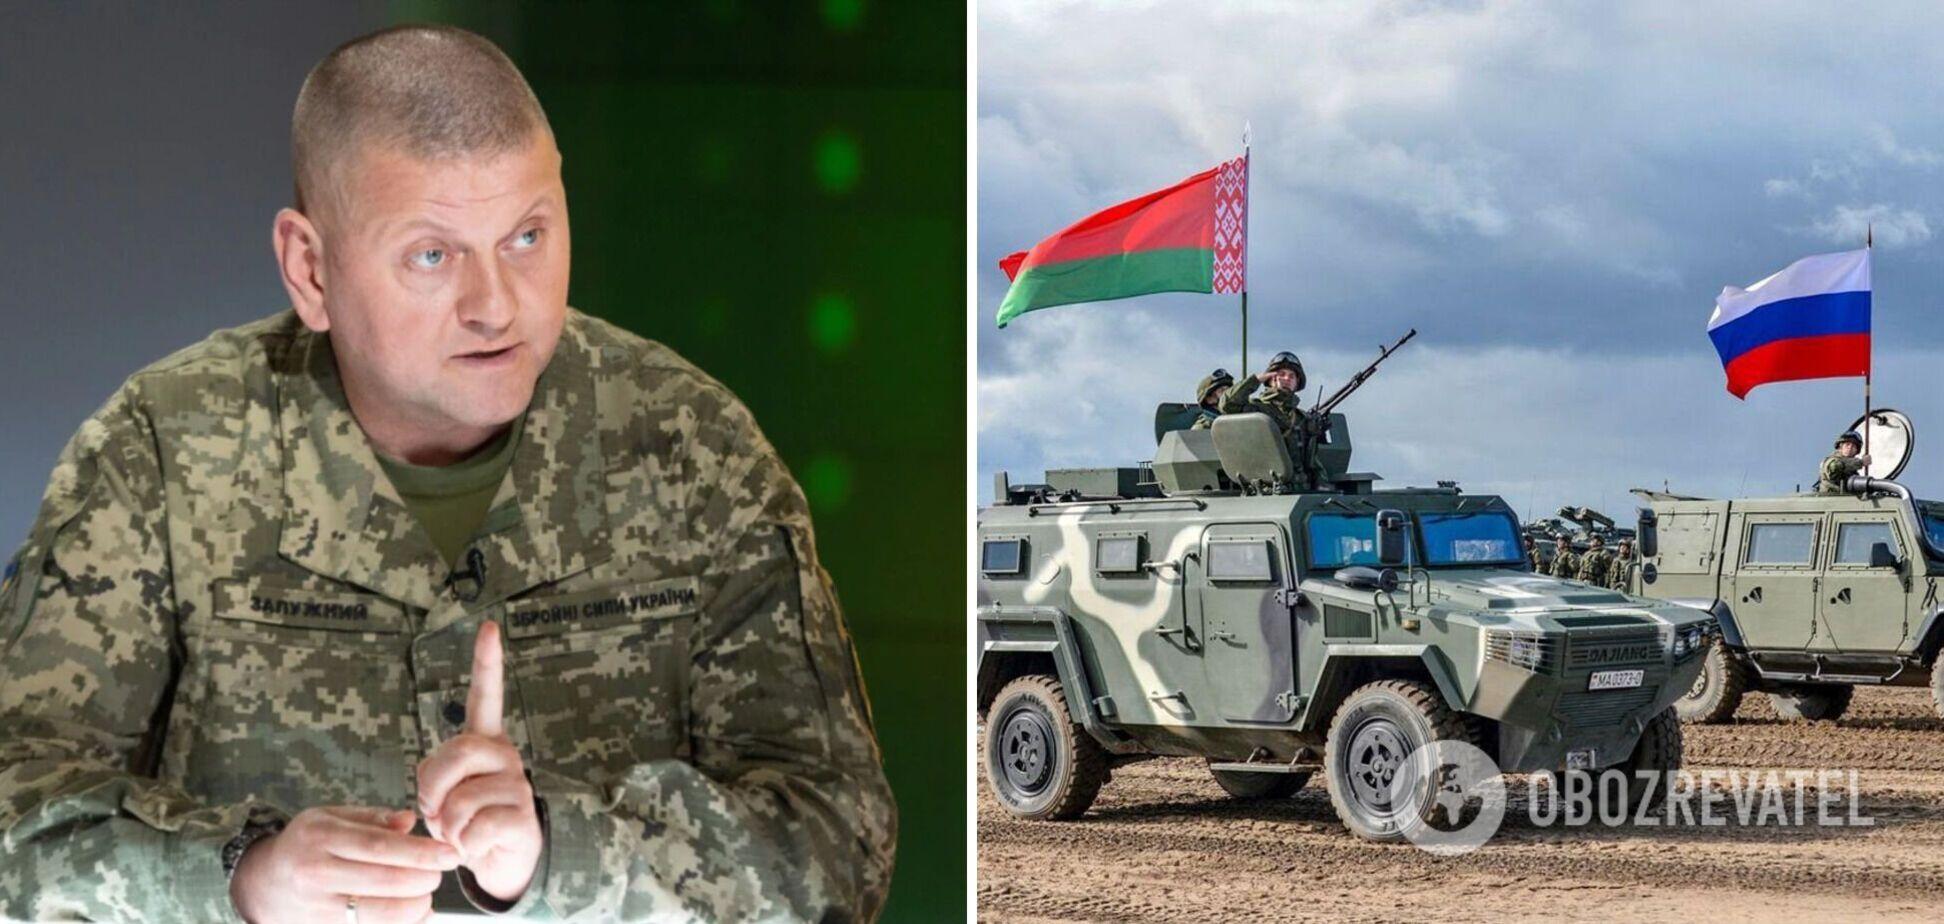 Російські війська після навчань із Білоруссю залишилися поблизу кордонів України, – Залужний